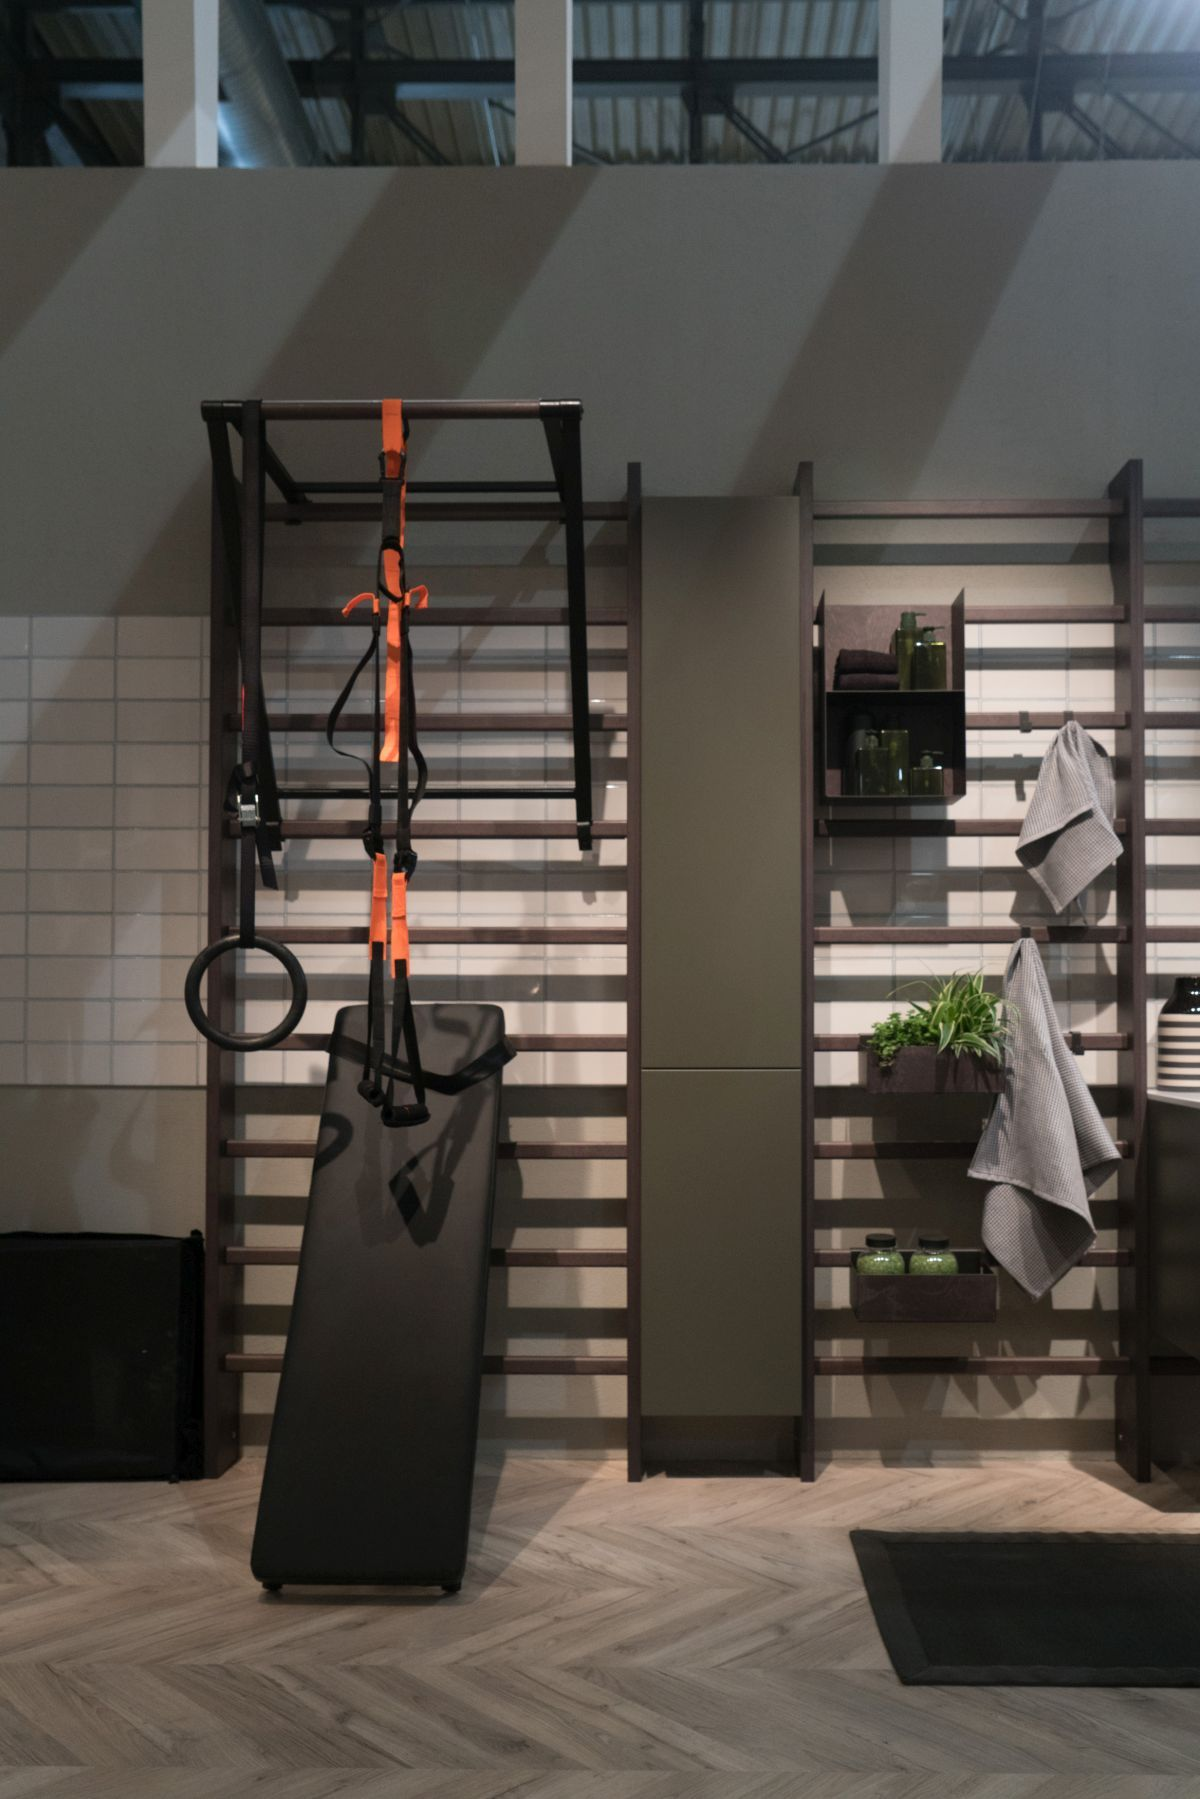 Modernes badezimmerdekor 2018 ein neues fitnessstudio von scavolini inspiriert menschen aktiver